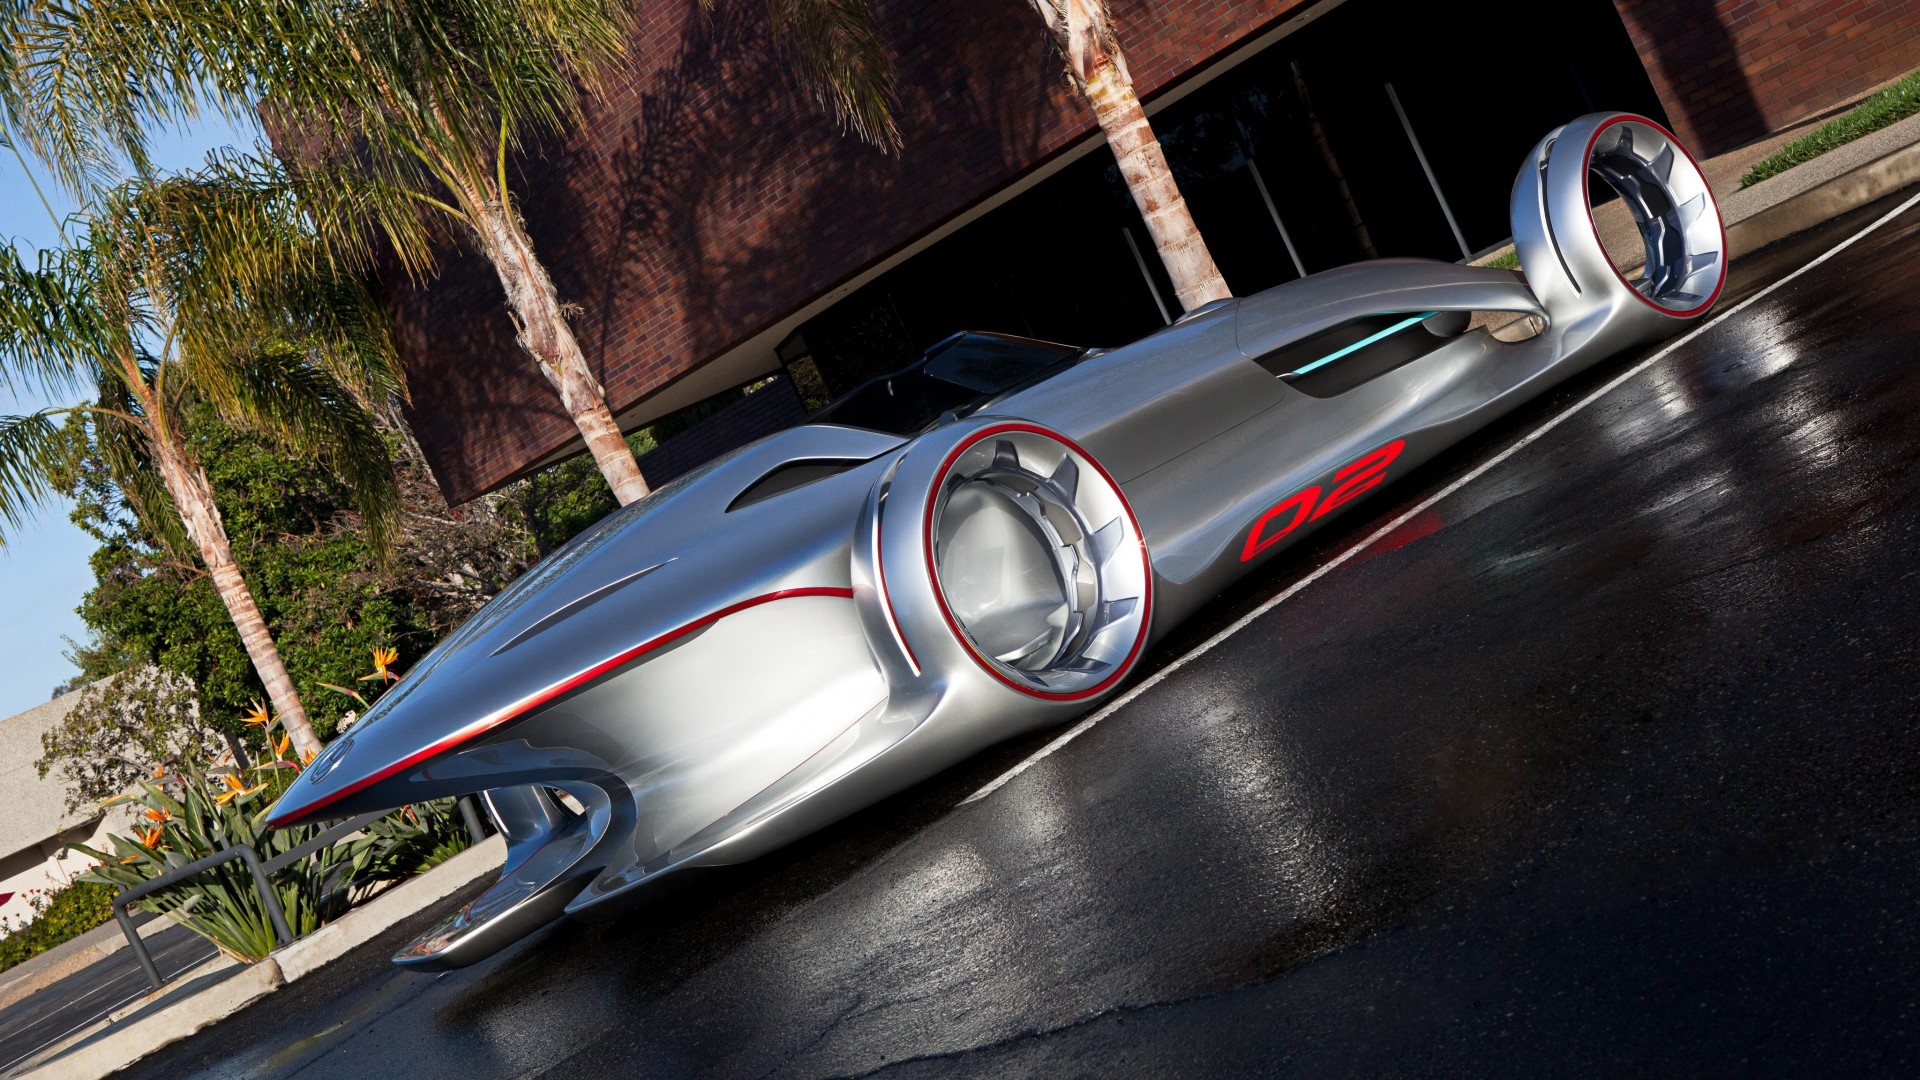 Mercedes Benz Silver Arrow Concept 4k Wallpaper Hd Car